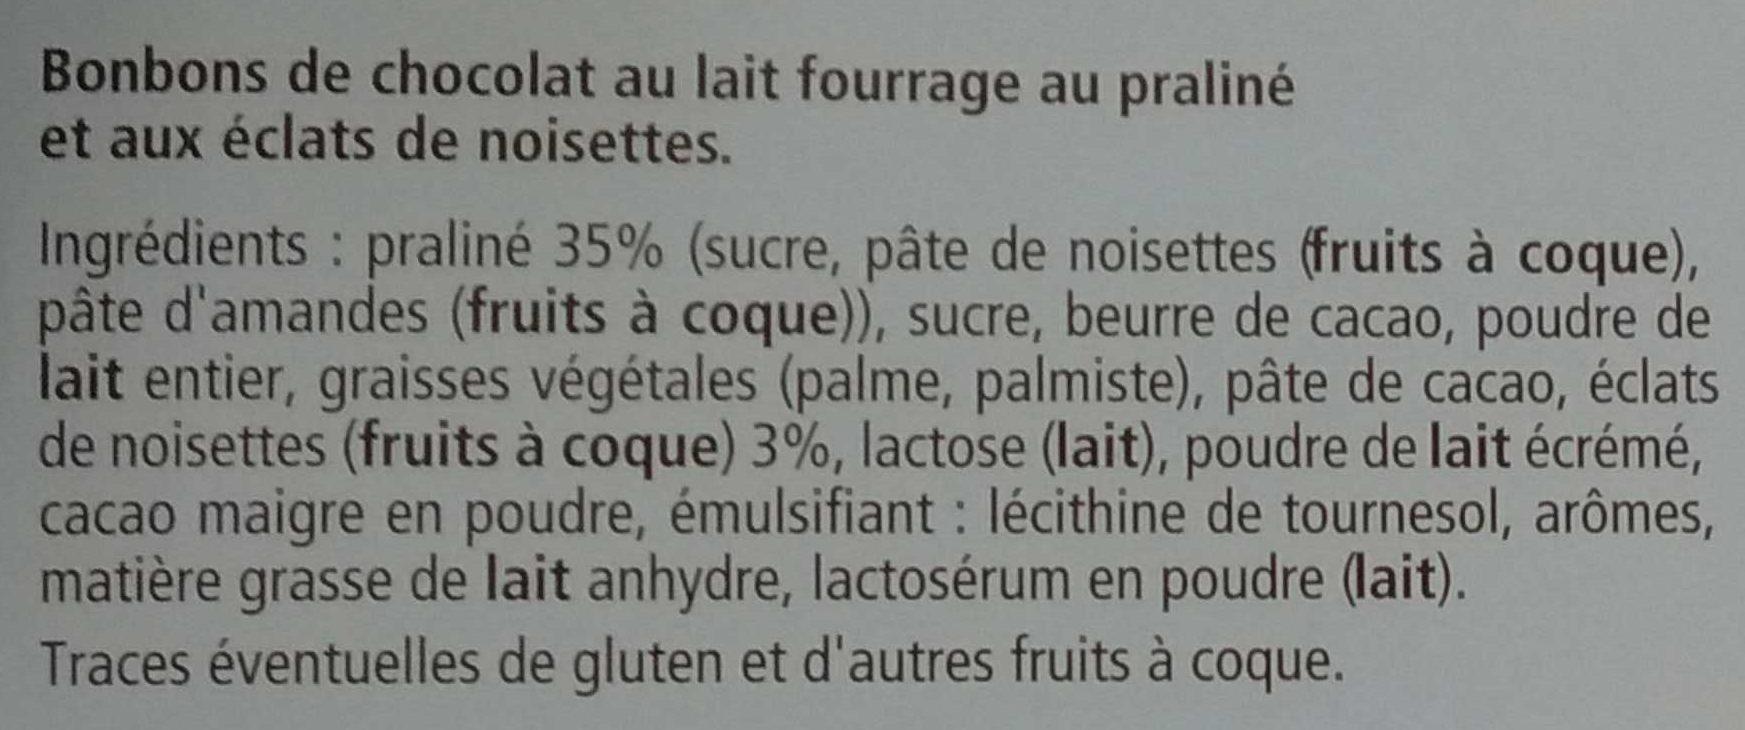 Escargots lait - Ingrédients